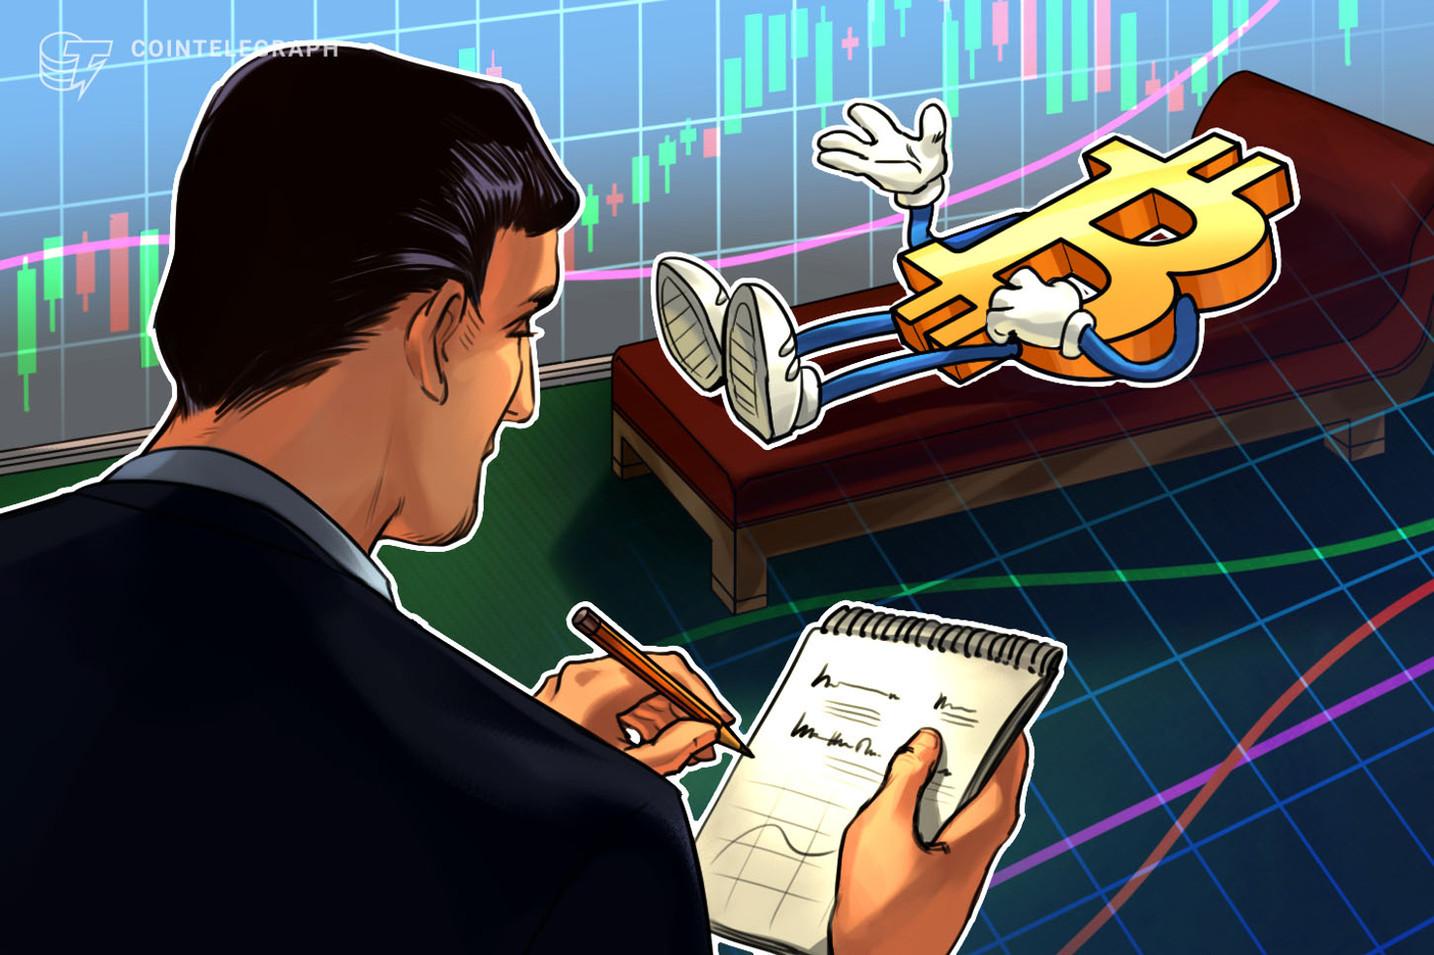 機関投資家はビットコインに慎重姿勢? アナリスト「ヘッジ手段としての魅了低下」